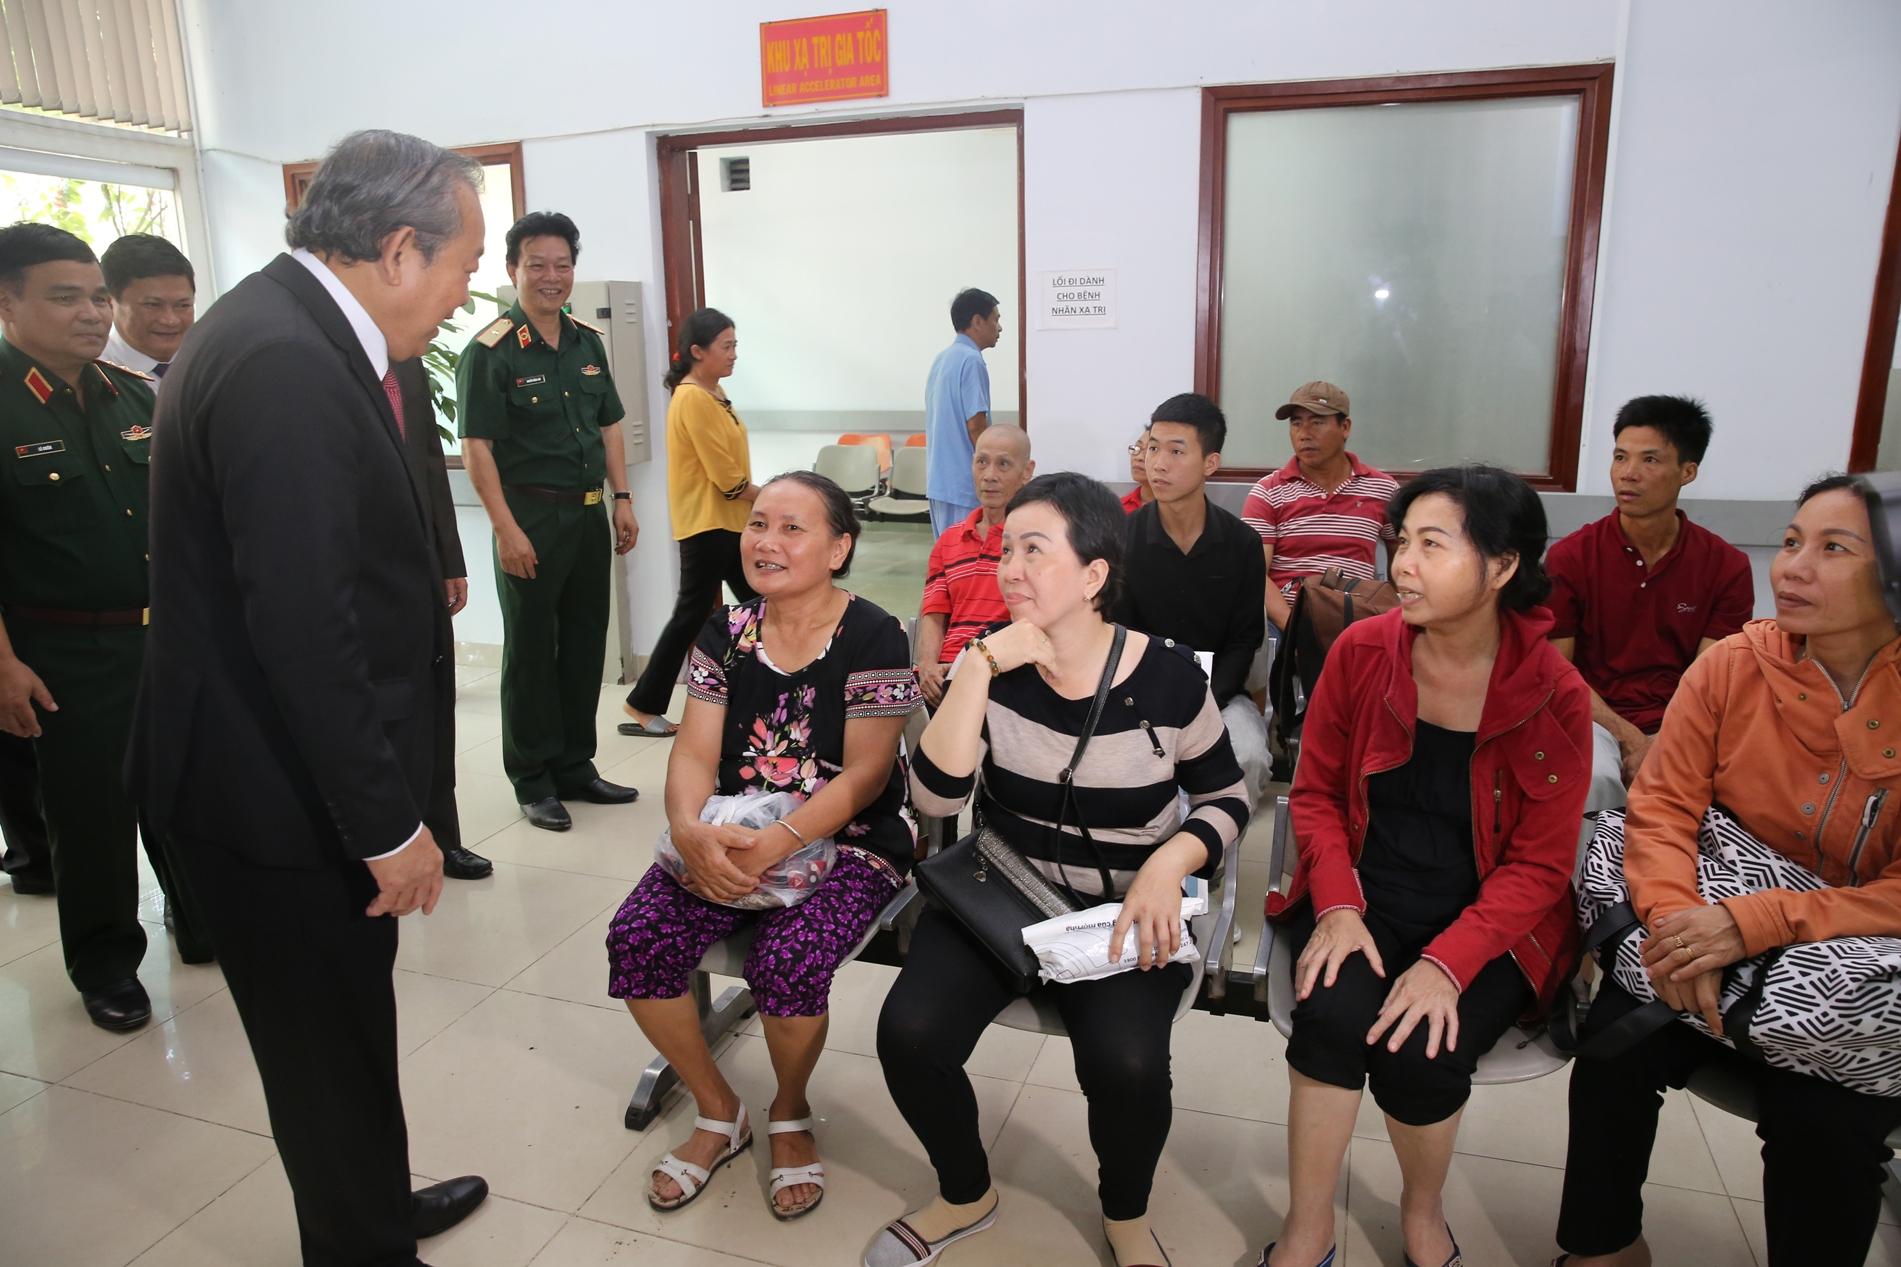 Phó Thủ tướng Thường trực Chính phủ Trương Hòa Bình thăm hỏi bệnh nhân tại Trung tâm Ung bướu, Bệnh viện Quân y 175. Ảnh: VGP/Mạnh Hùng